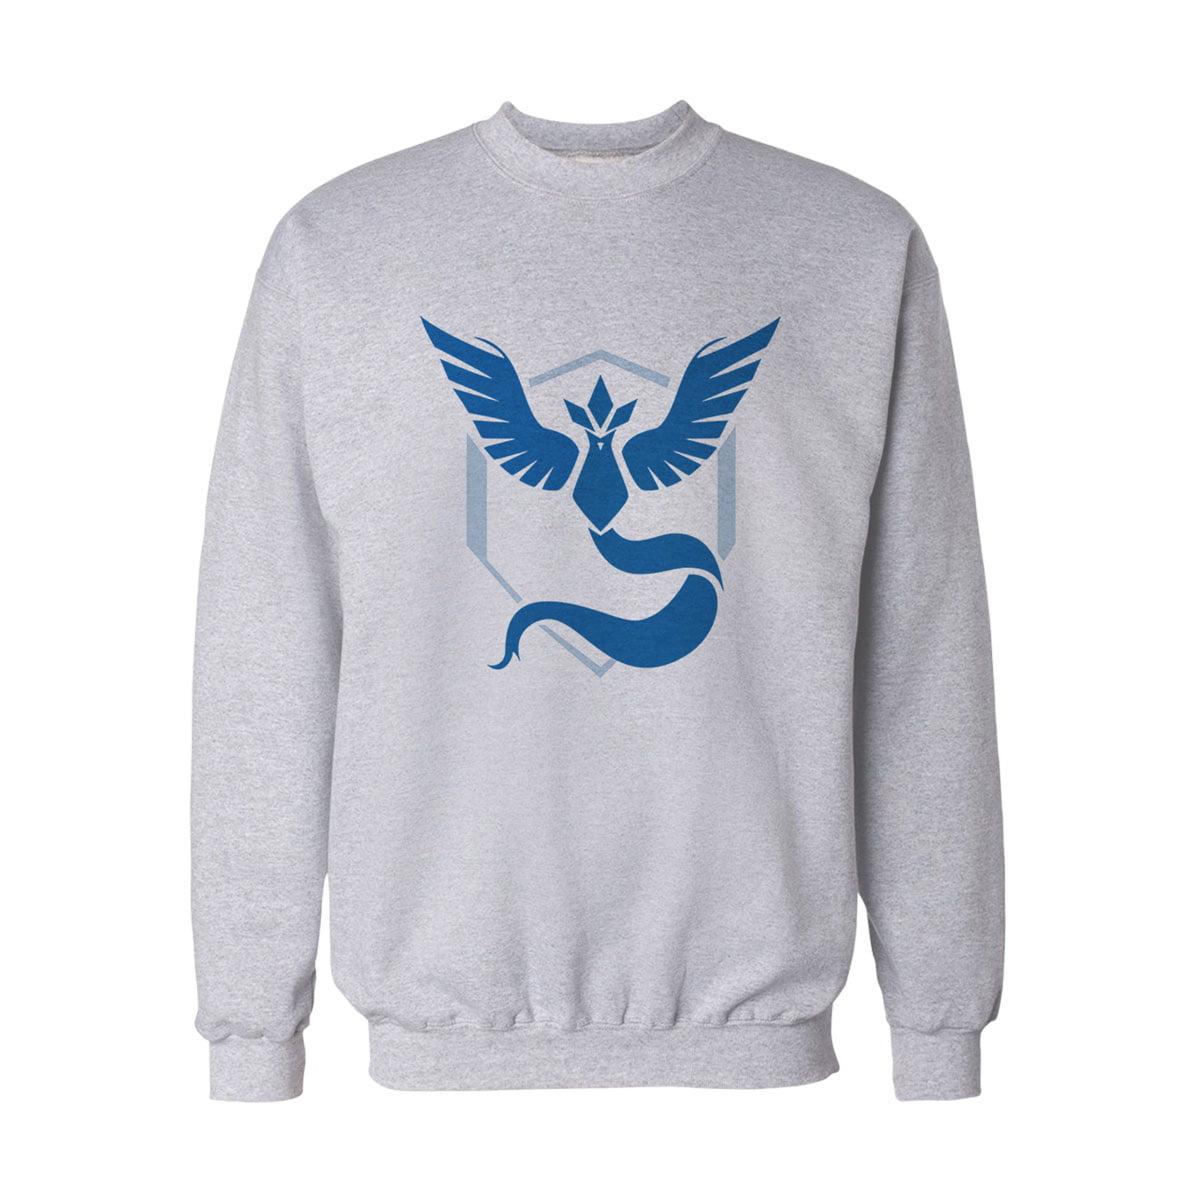 Pokemon Go Mavi Takim Mystic Sweatshirt B - Pokemon Go Team Mystic Unisex Sweatshirt - Figurex